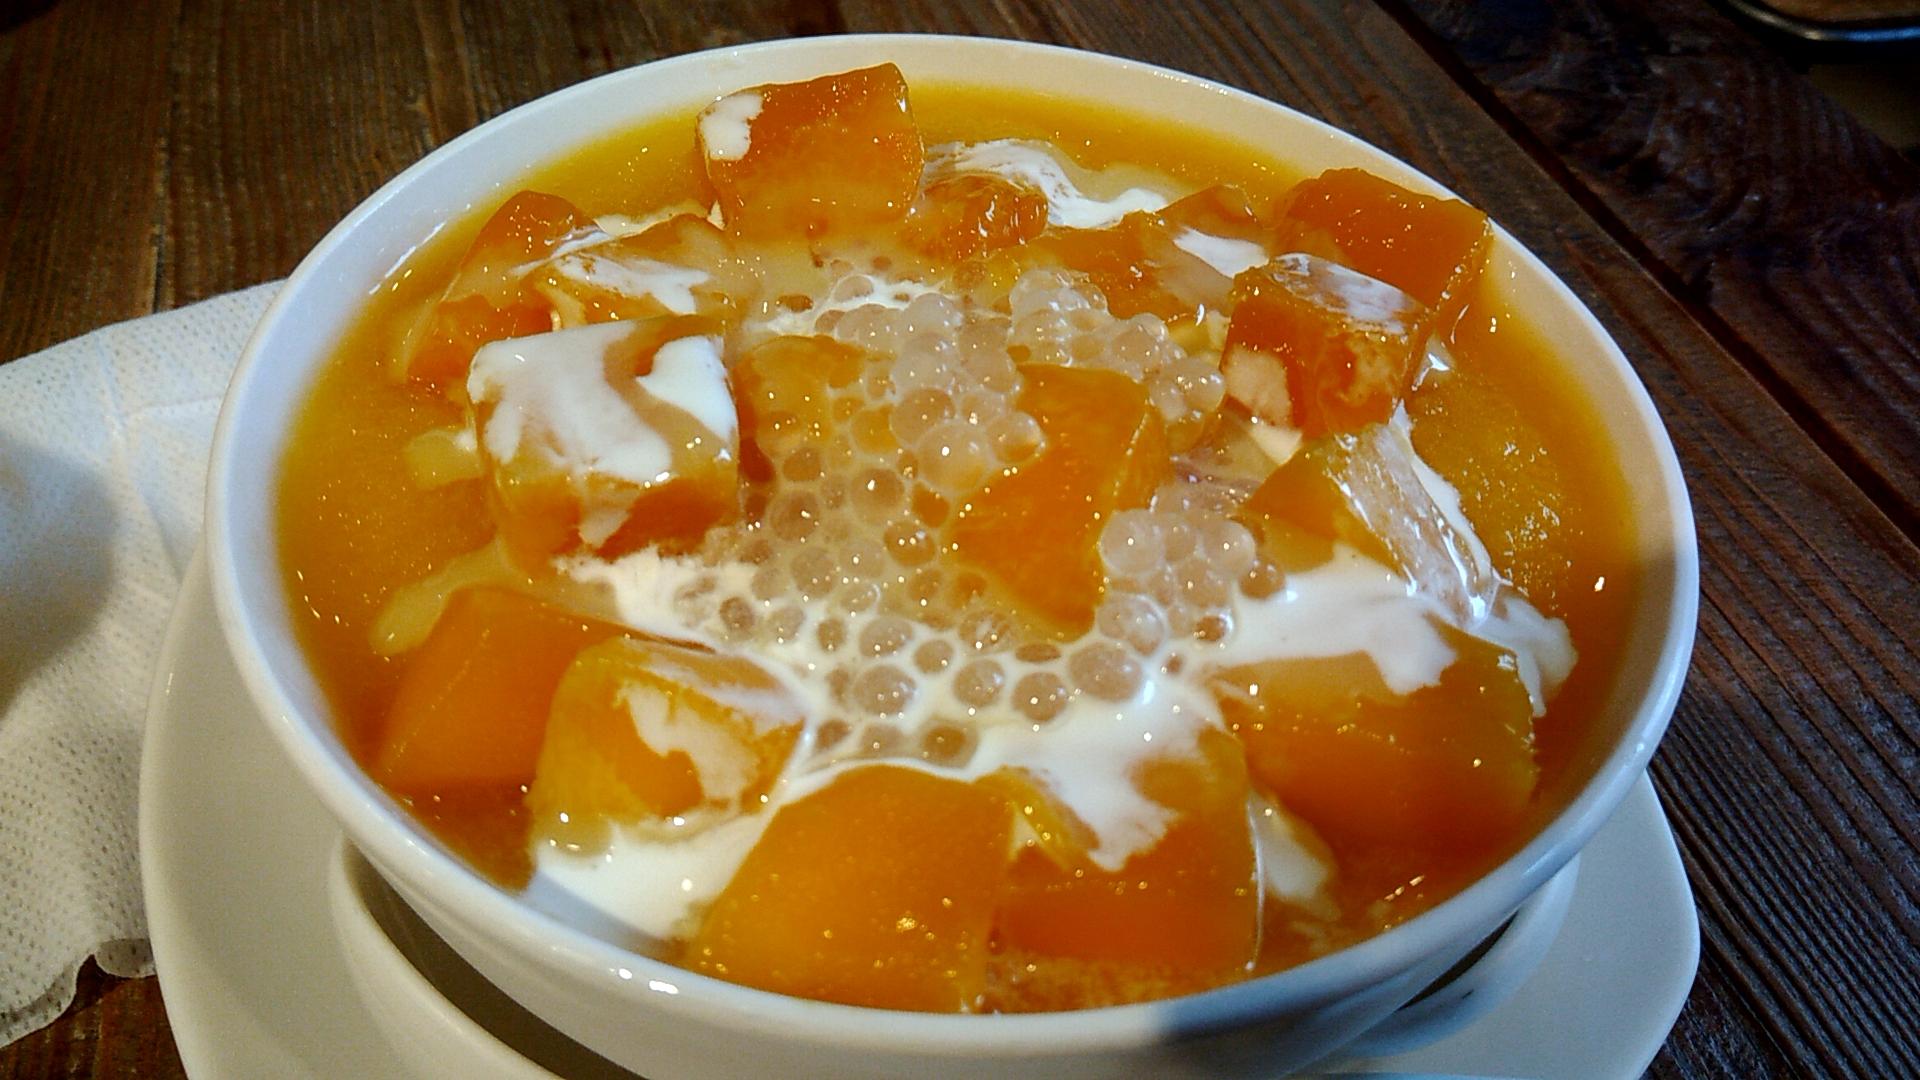 約345円!騒豆花のマンゴー豆花が超絶おすすめ♪in台湾